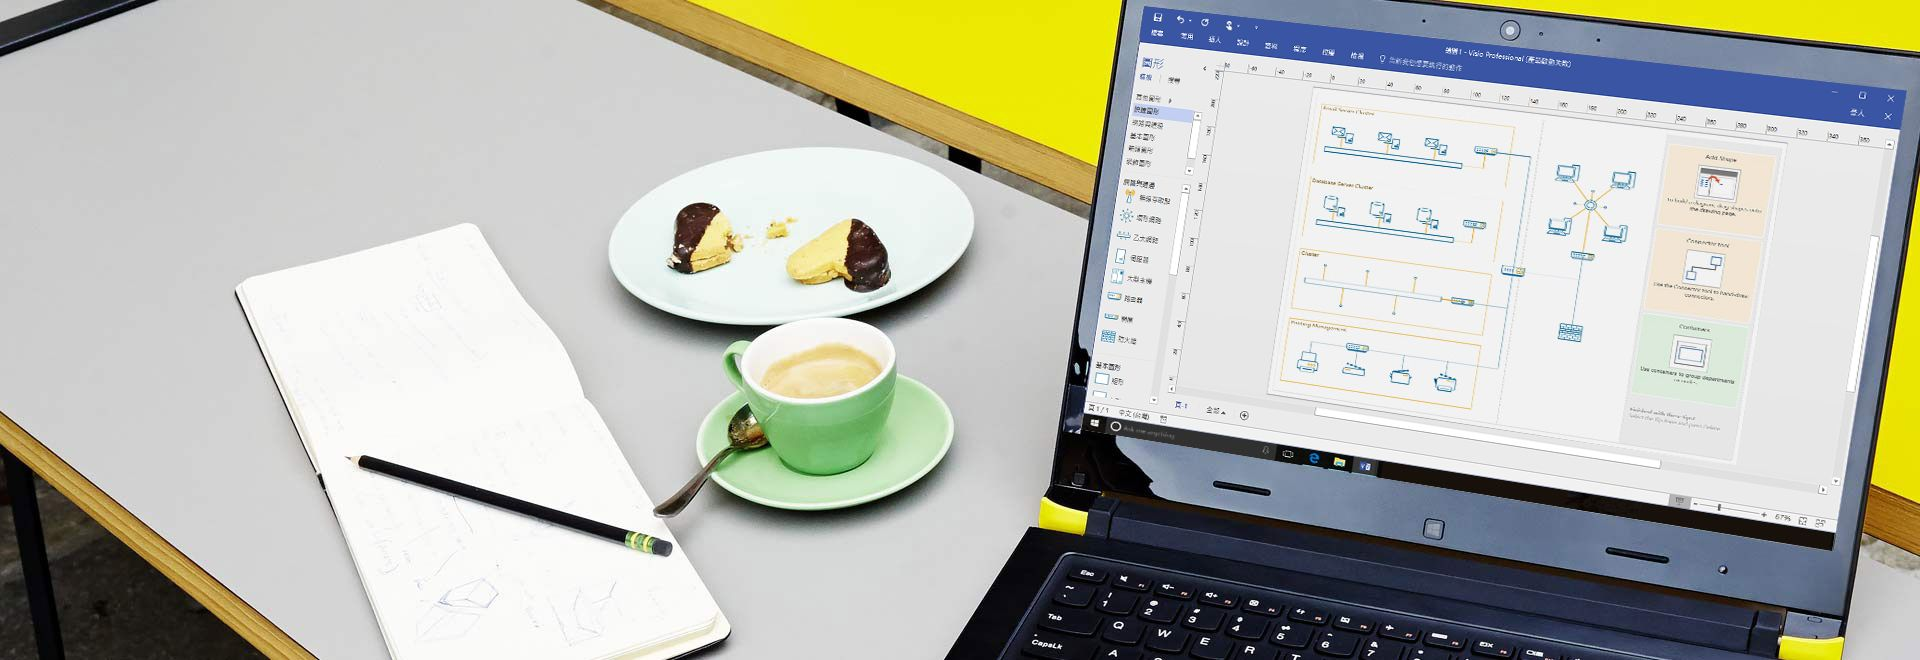 桌面上顯示有編輯功能區及窗格的 Visio 圖表的膝上型電腦特寫